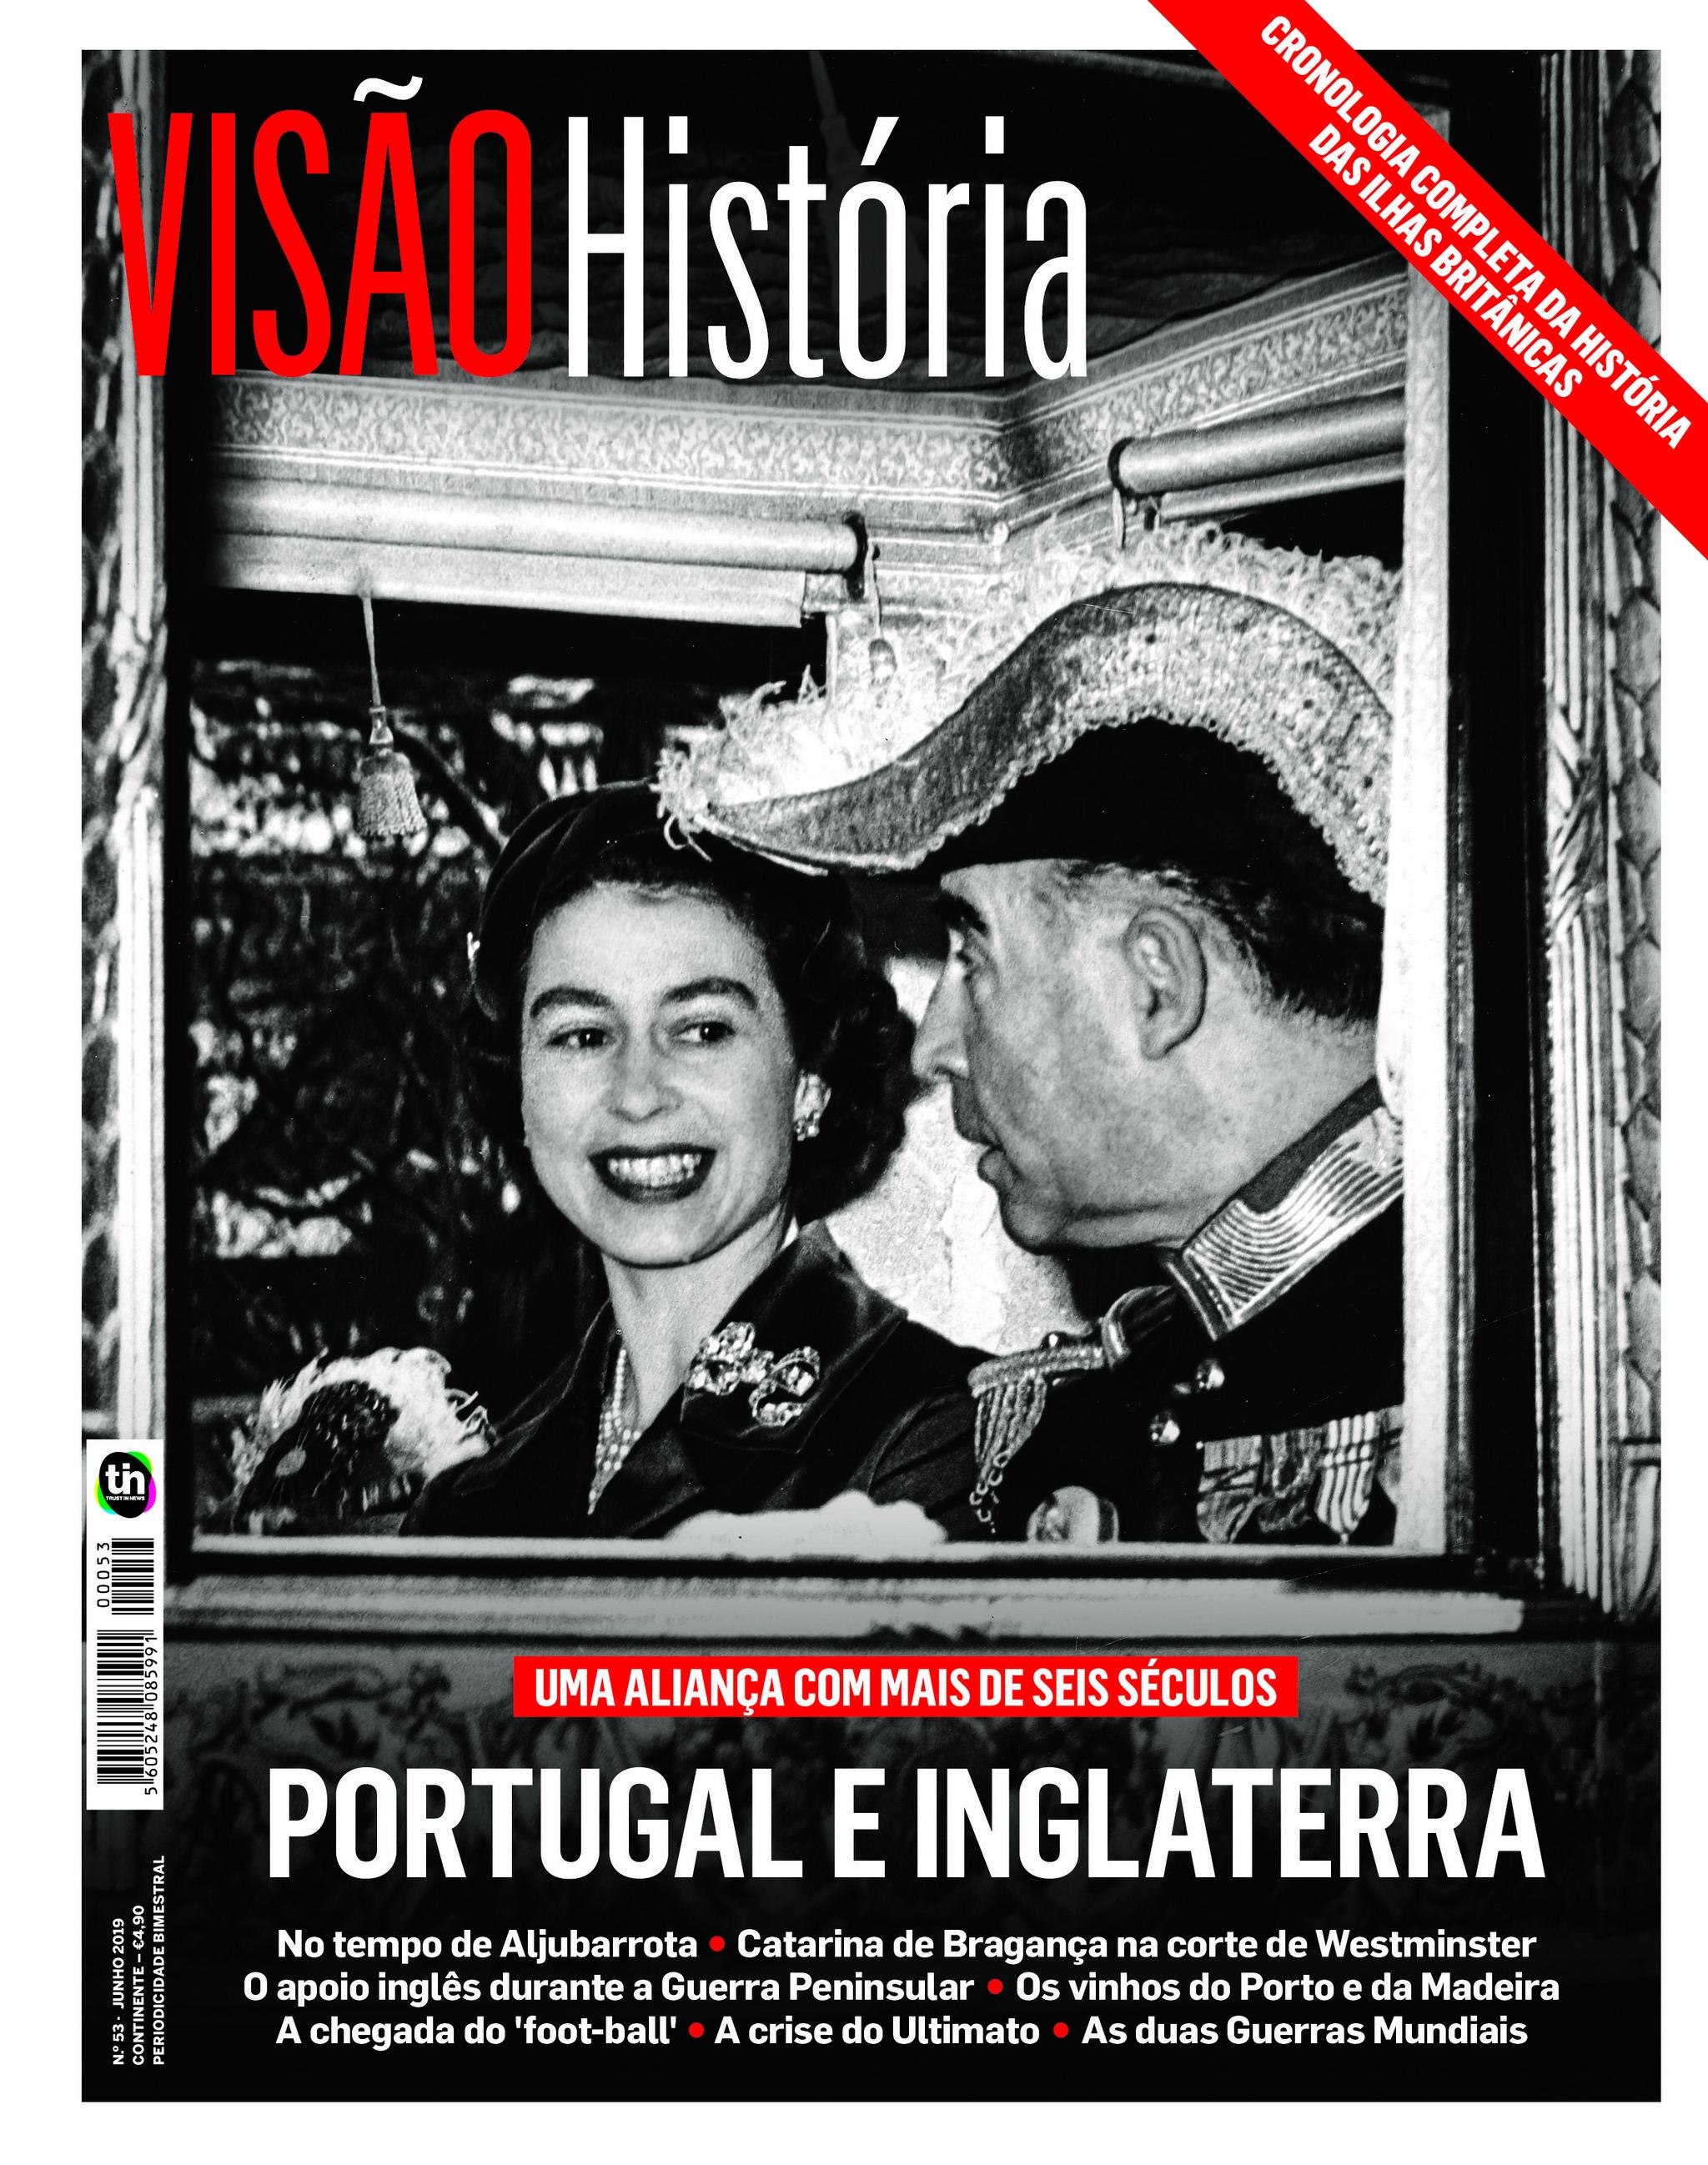 Portugal e Inglaterra